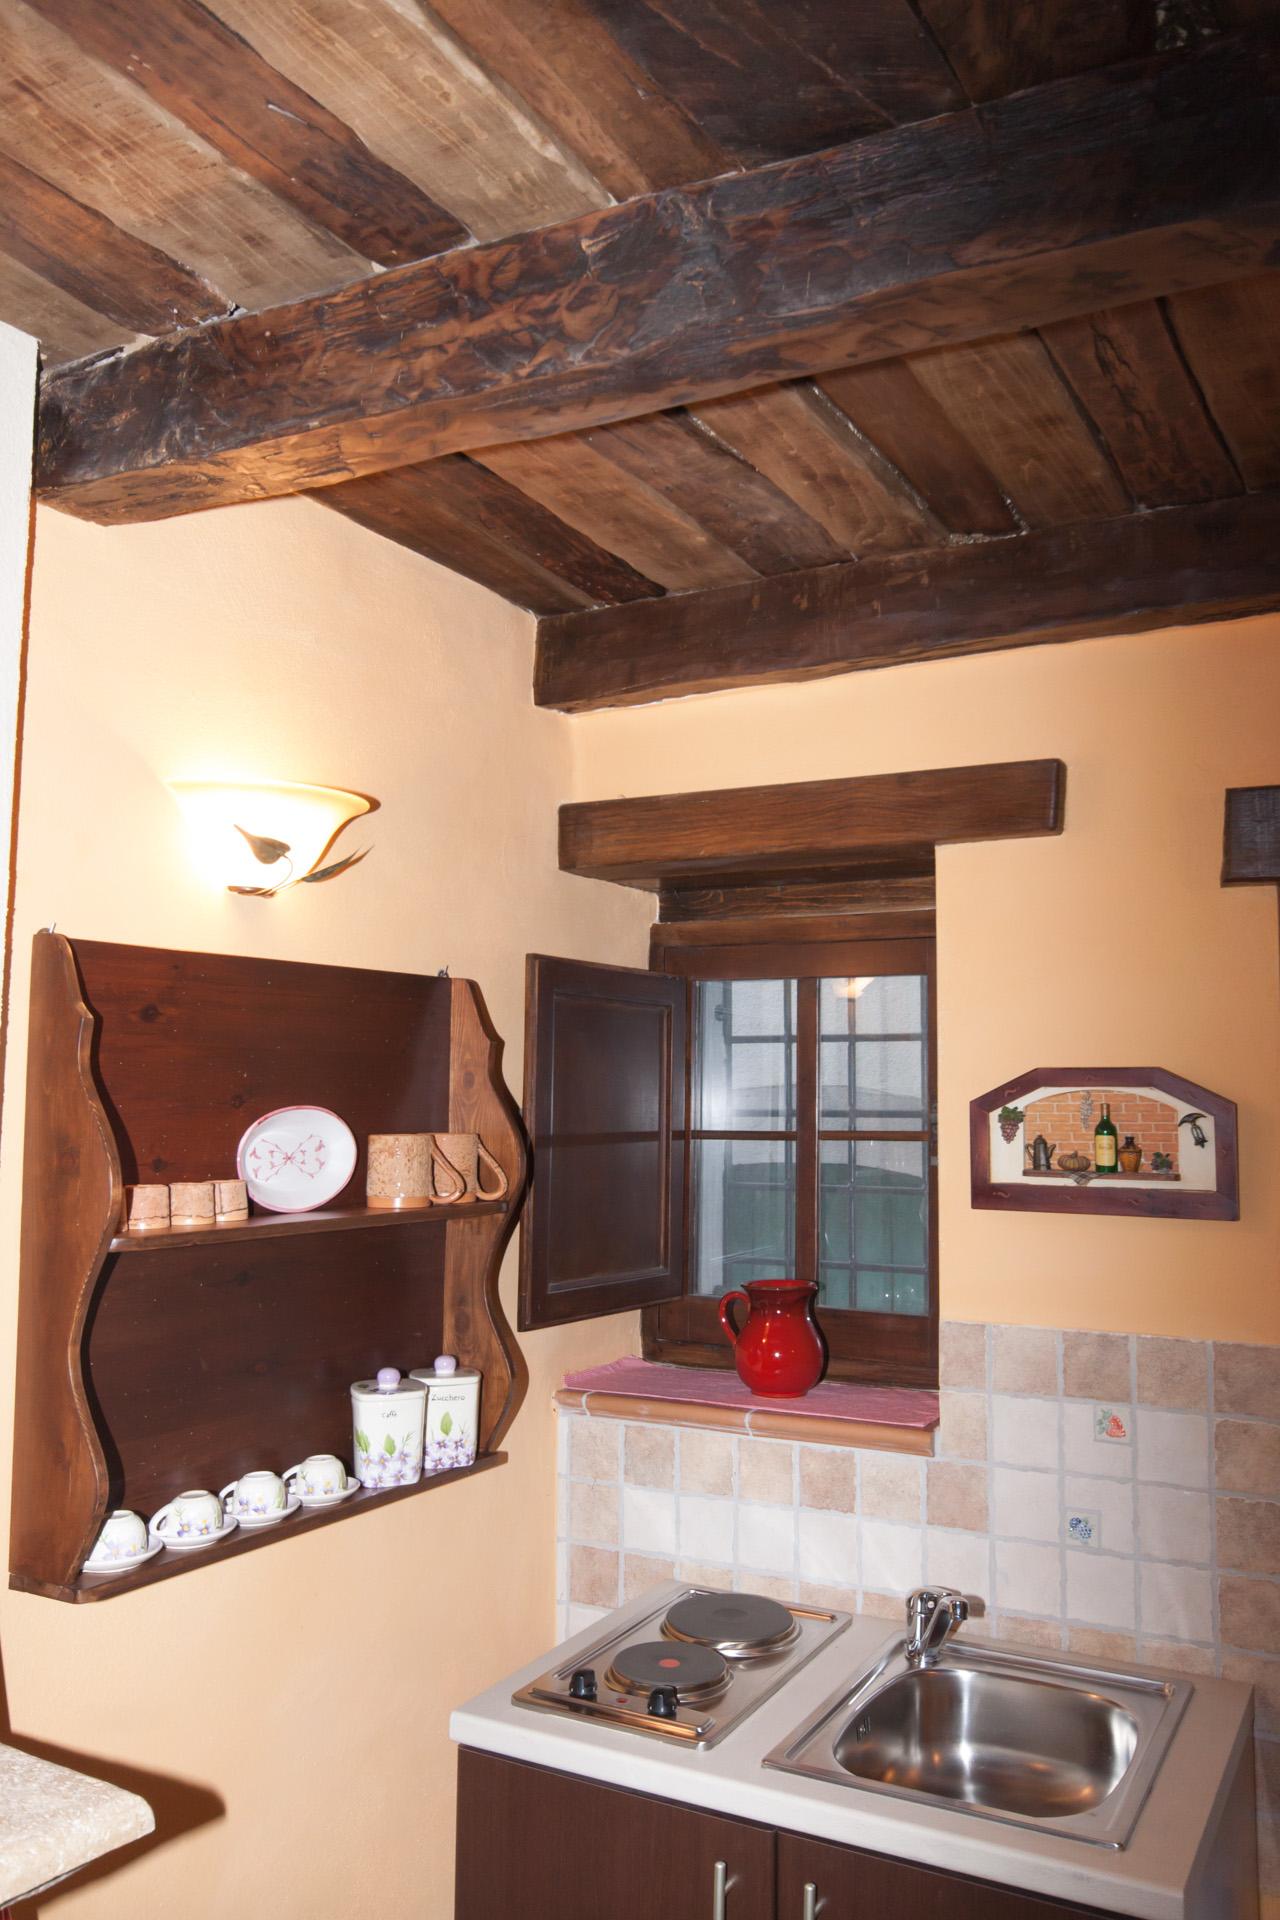 http://www.bebilborgo.com/sito/uploads/2014/07/appartamento-scapoli-zio-tullio-IMG_9877.jpg